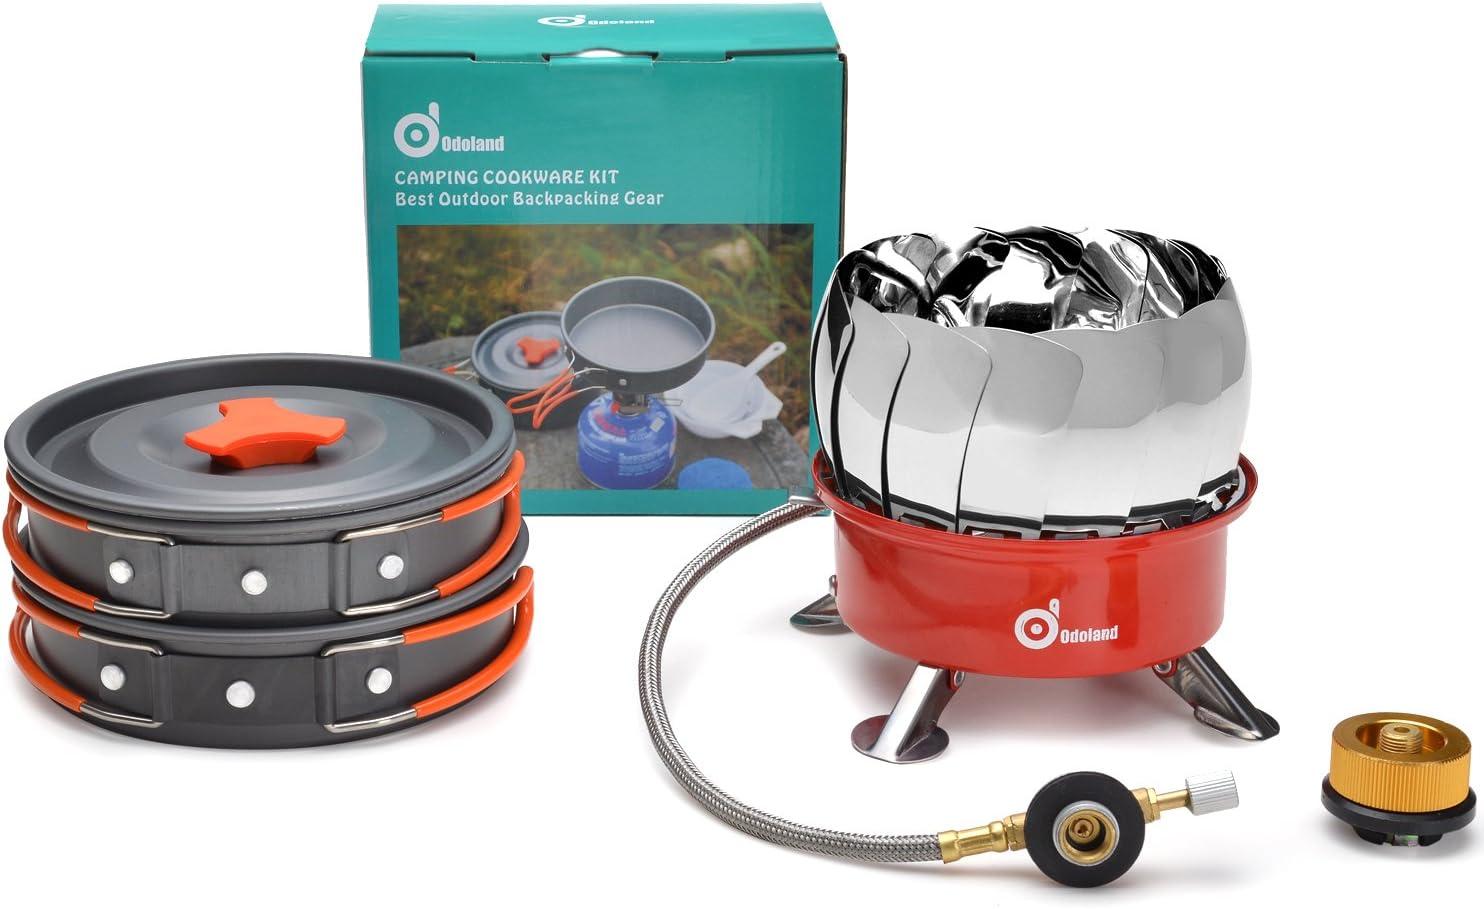 Kit Kit de camping utensilios de cocina con mini estufa de camping Kit ODOLAND Cookware que acampa Kit Mejor 1-2 Persona de efecto panor/ámico para hacer excursionismo al aire libre Senderismo Gear /& Equipos de Cocina